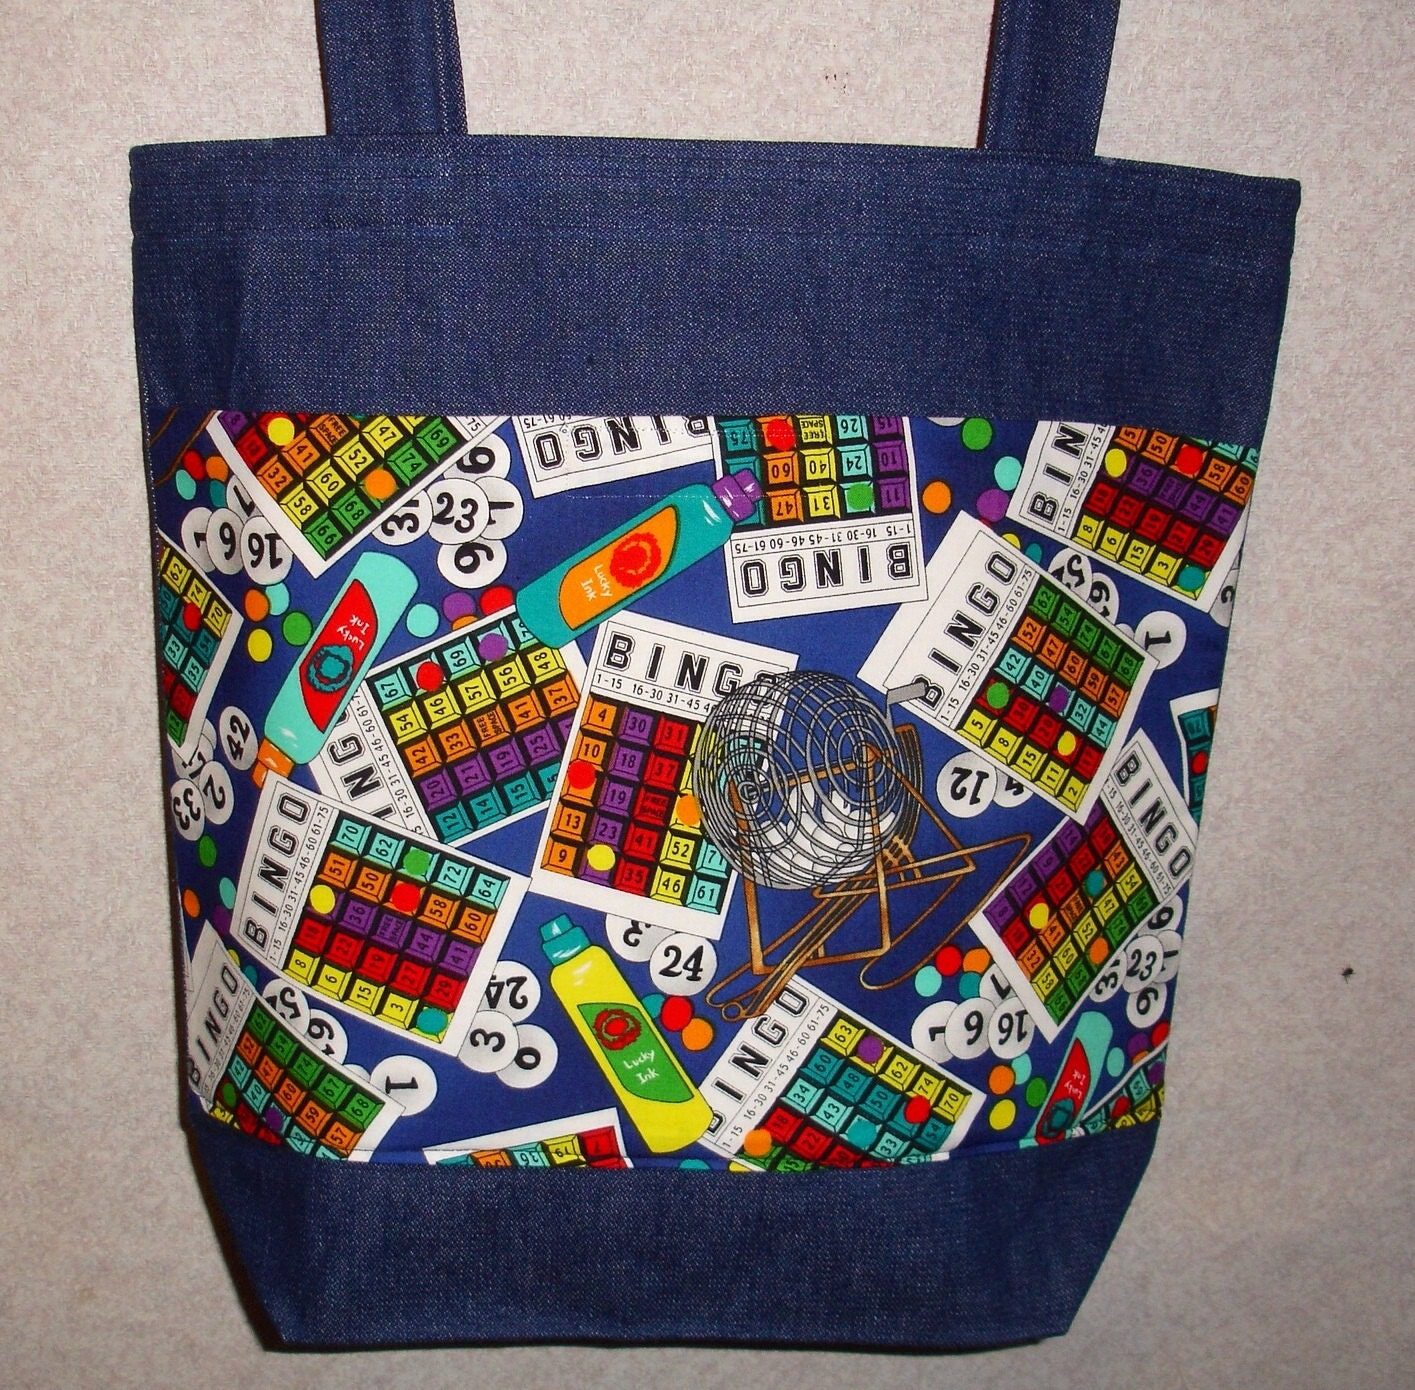 new large handmade bingo games denim tote bag. Black Bedroom Furniture Sets. Home Design Ideas